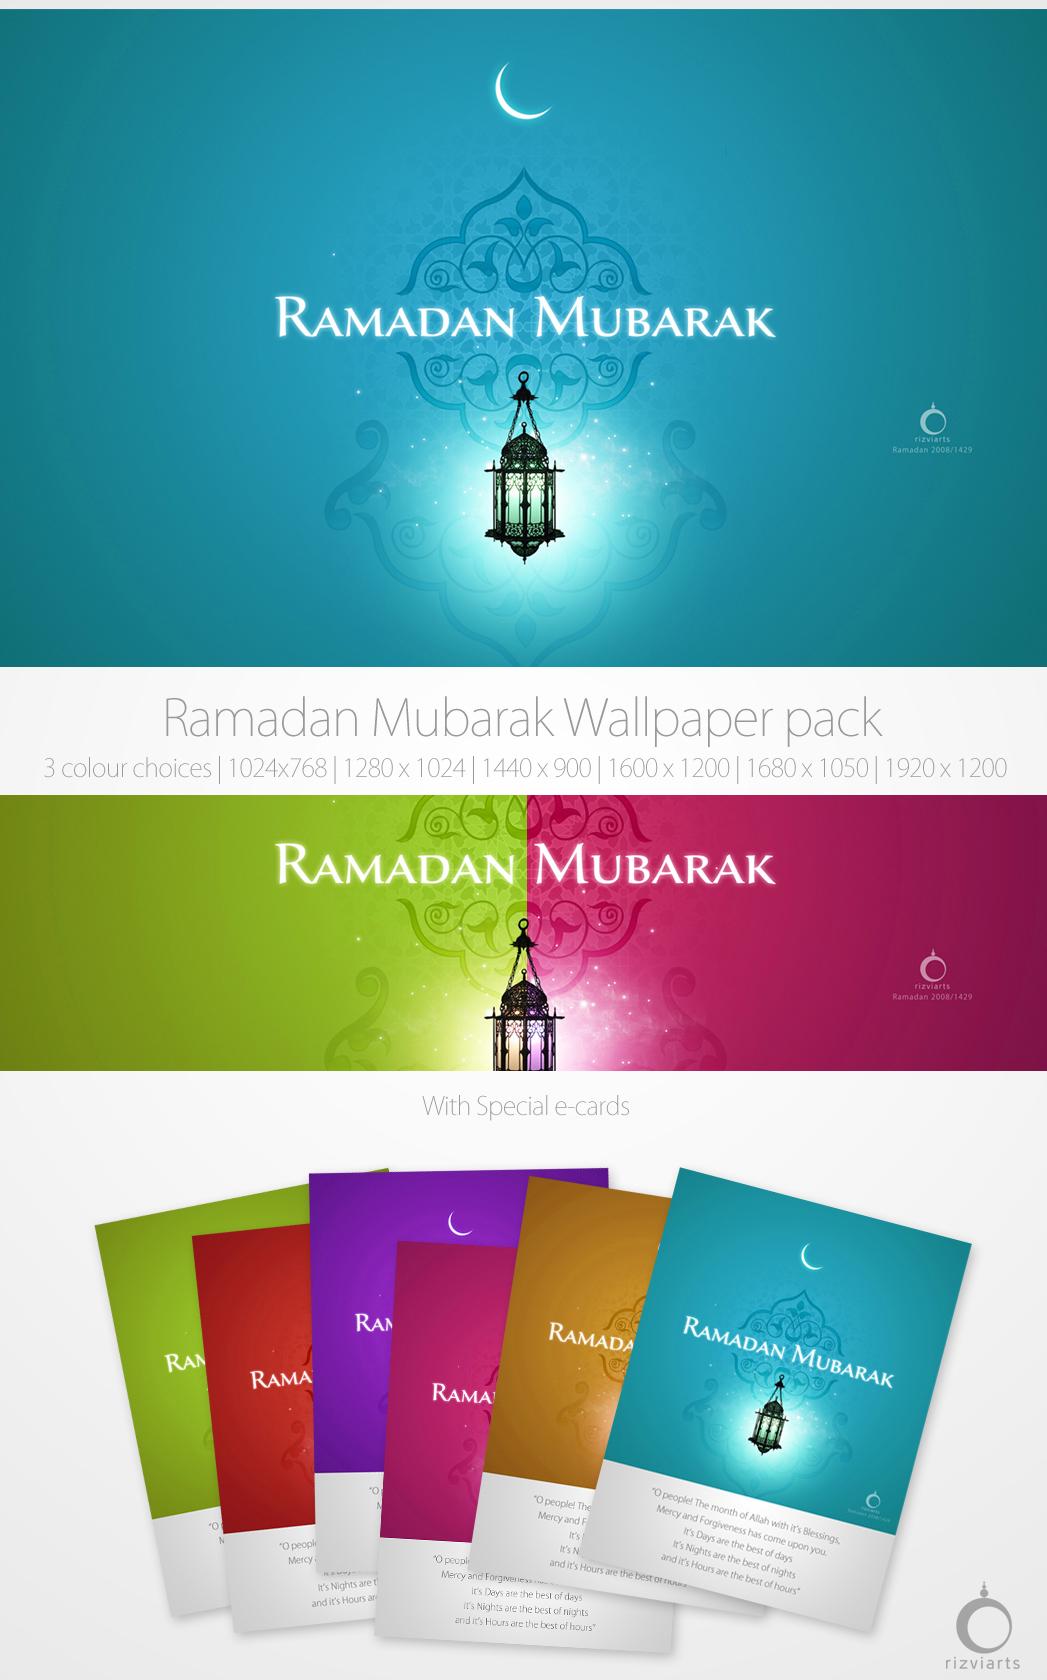 Ramadan Wallpaper Pack